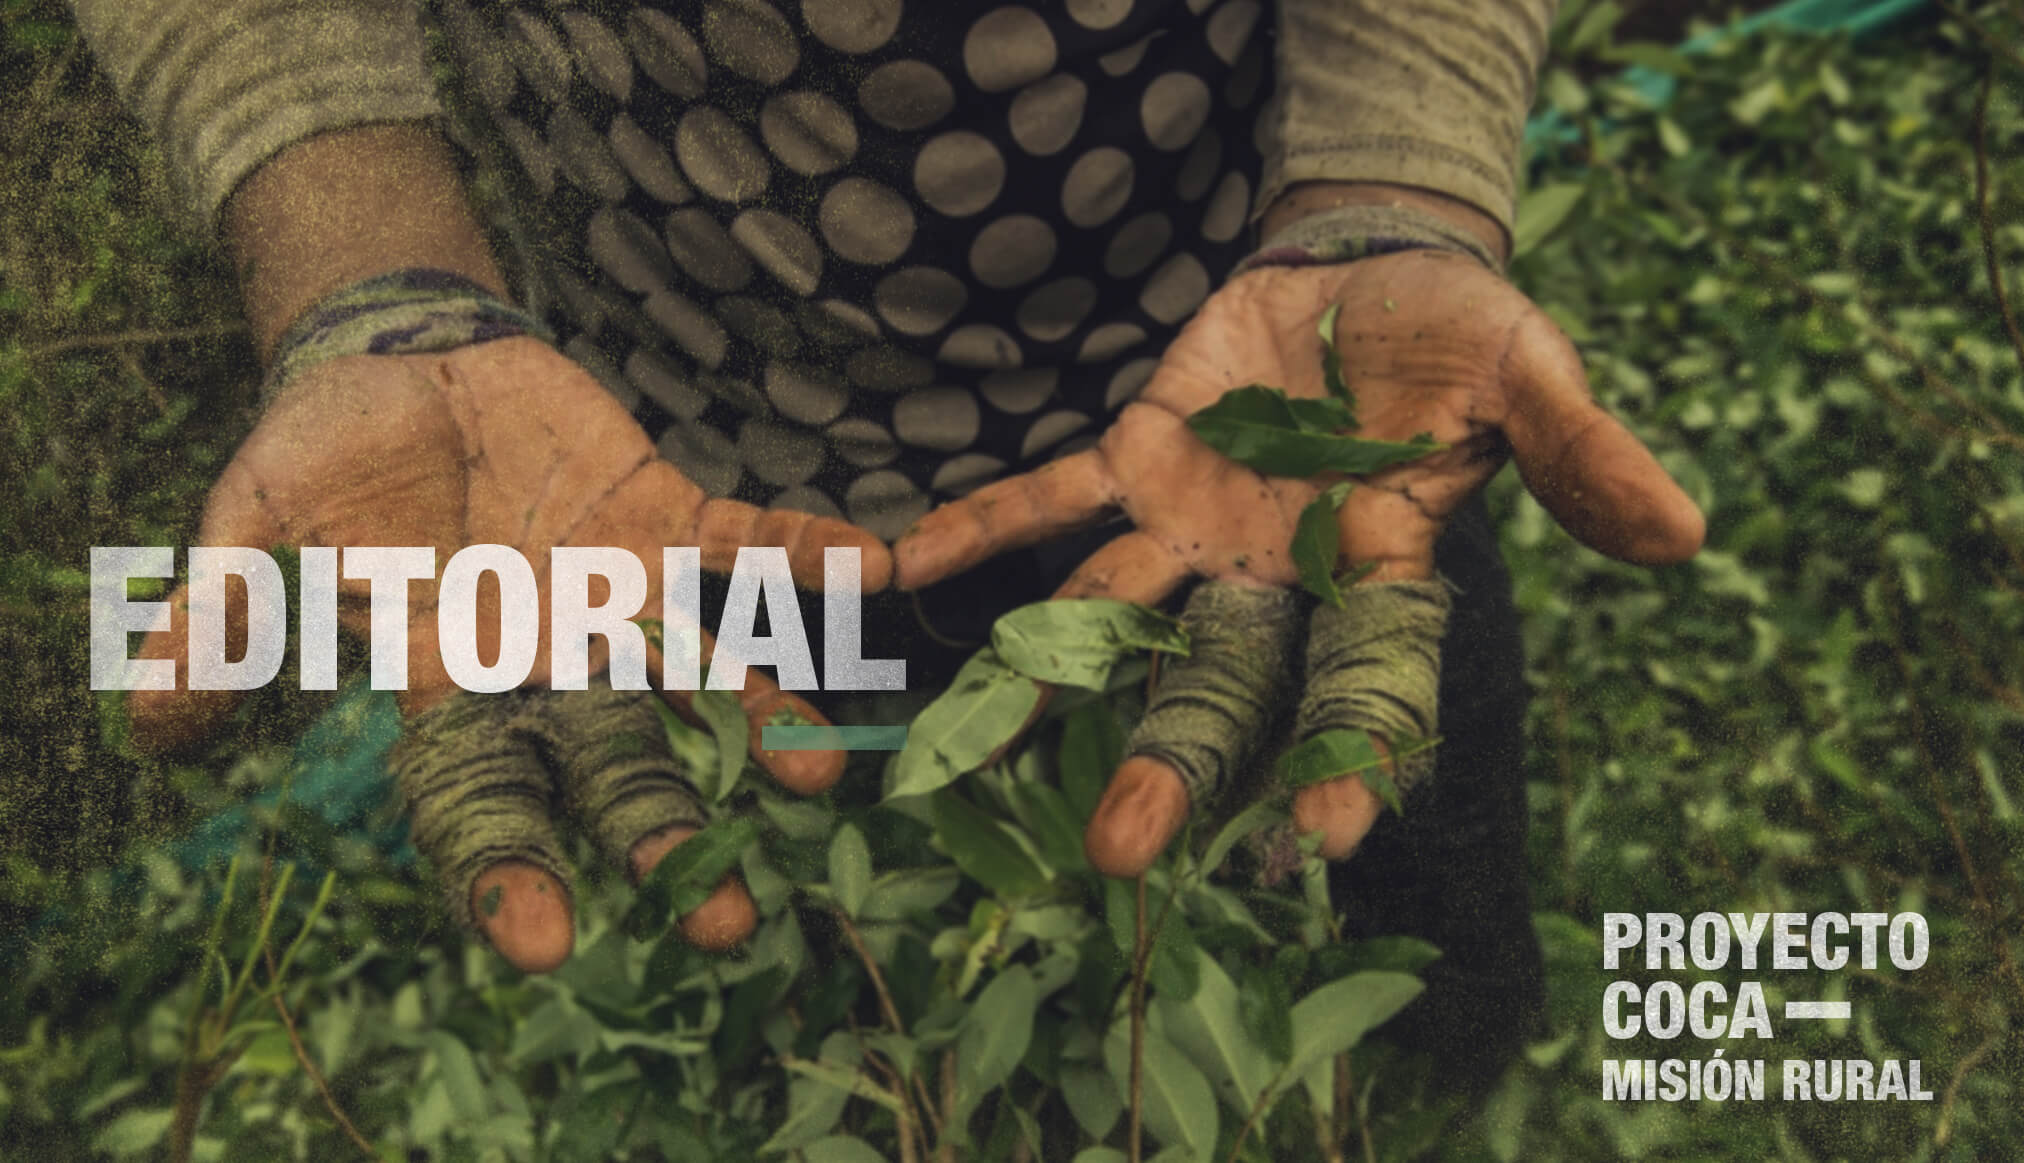 EDITORIAL | Proyecto COCA: un drama local, una guerra global